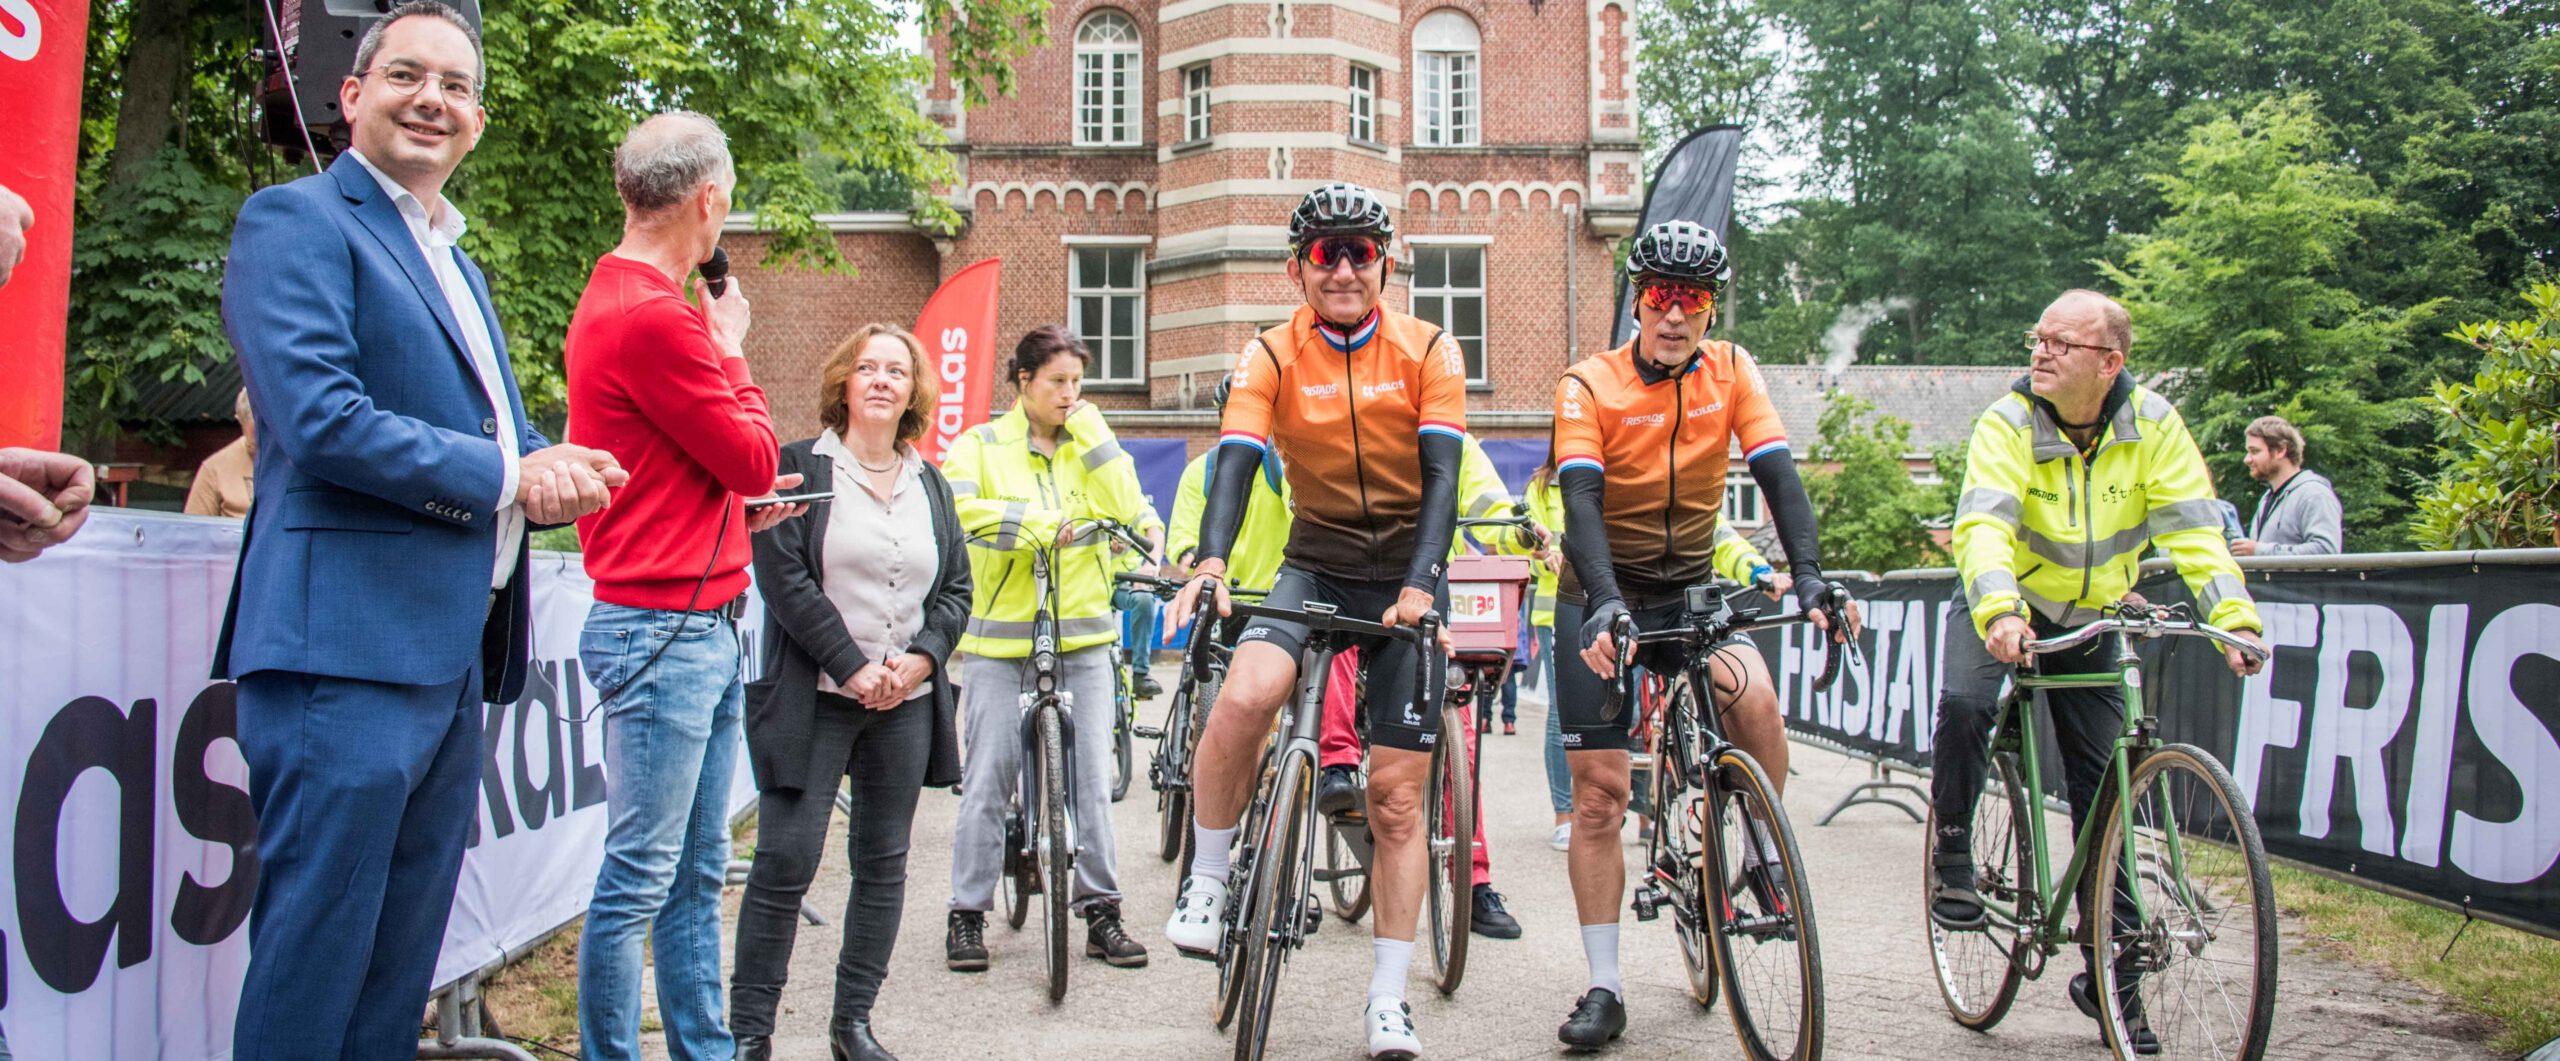 """van der Poel-Poulidor challenge uitreiking: """"mooie bijeenkomst, geweldige prestatie, fantastisch resultaat""""."""